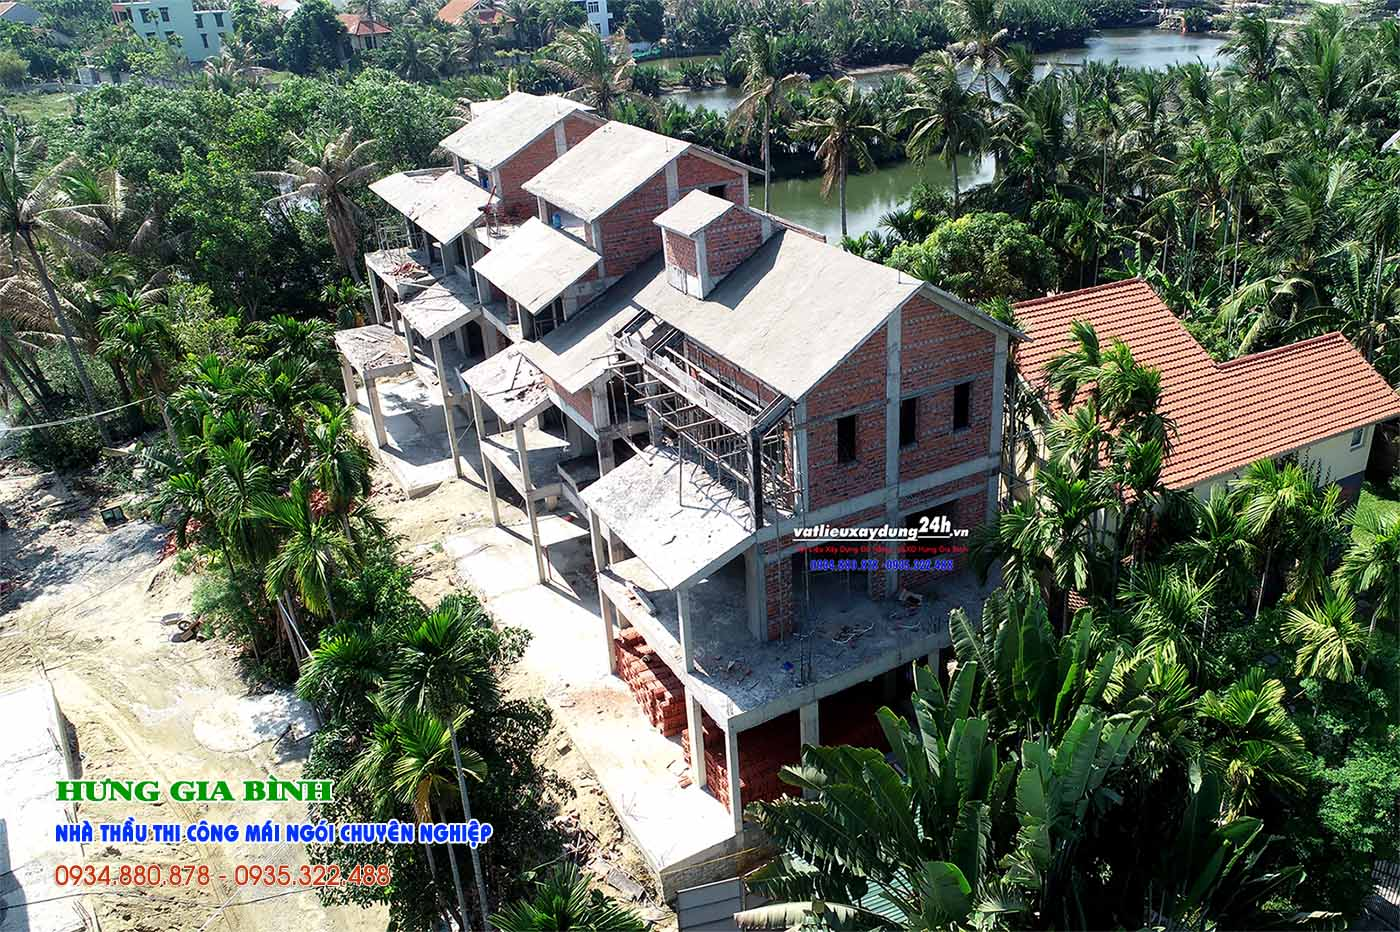 Nhà thầu thi công mái ngói chuyên nghiệp Đà Nẵng